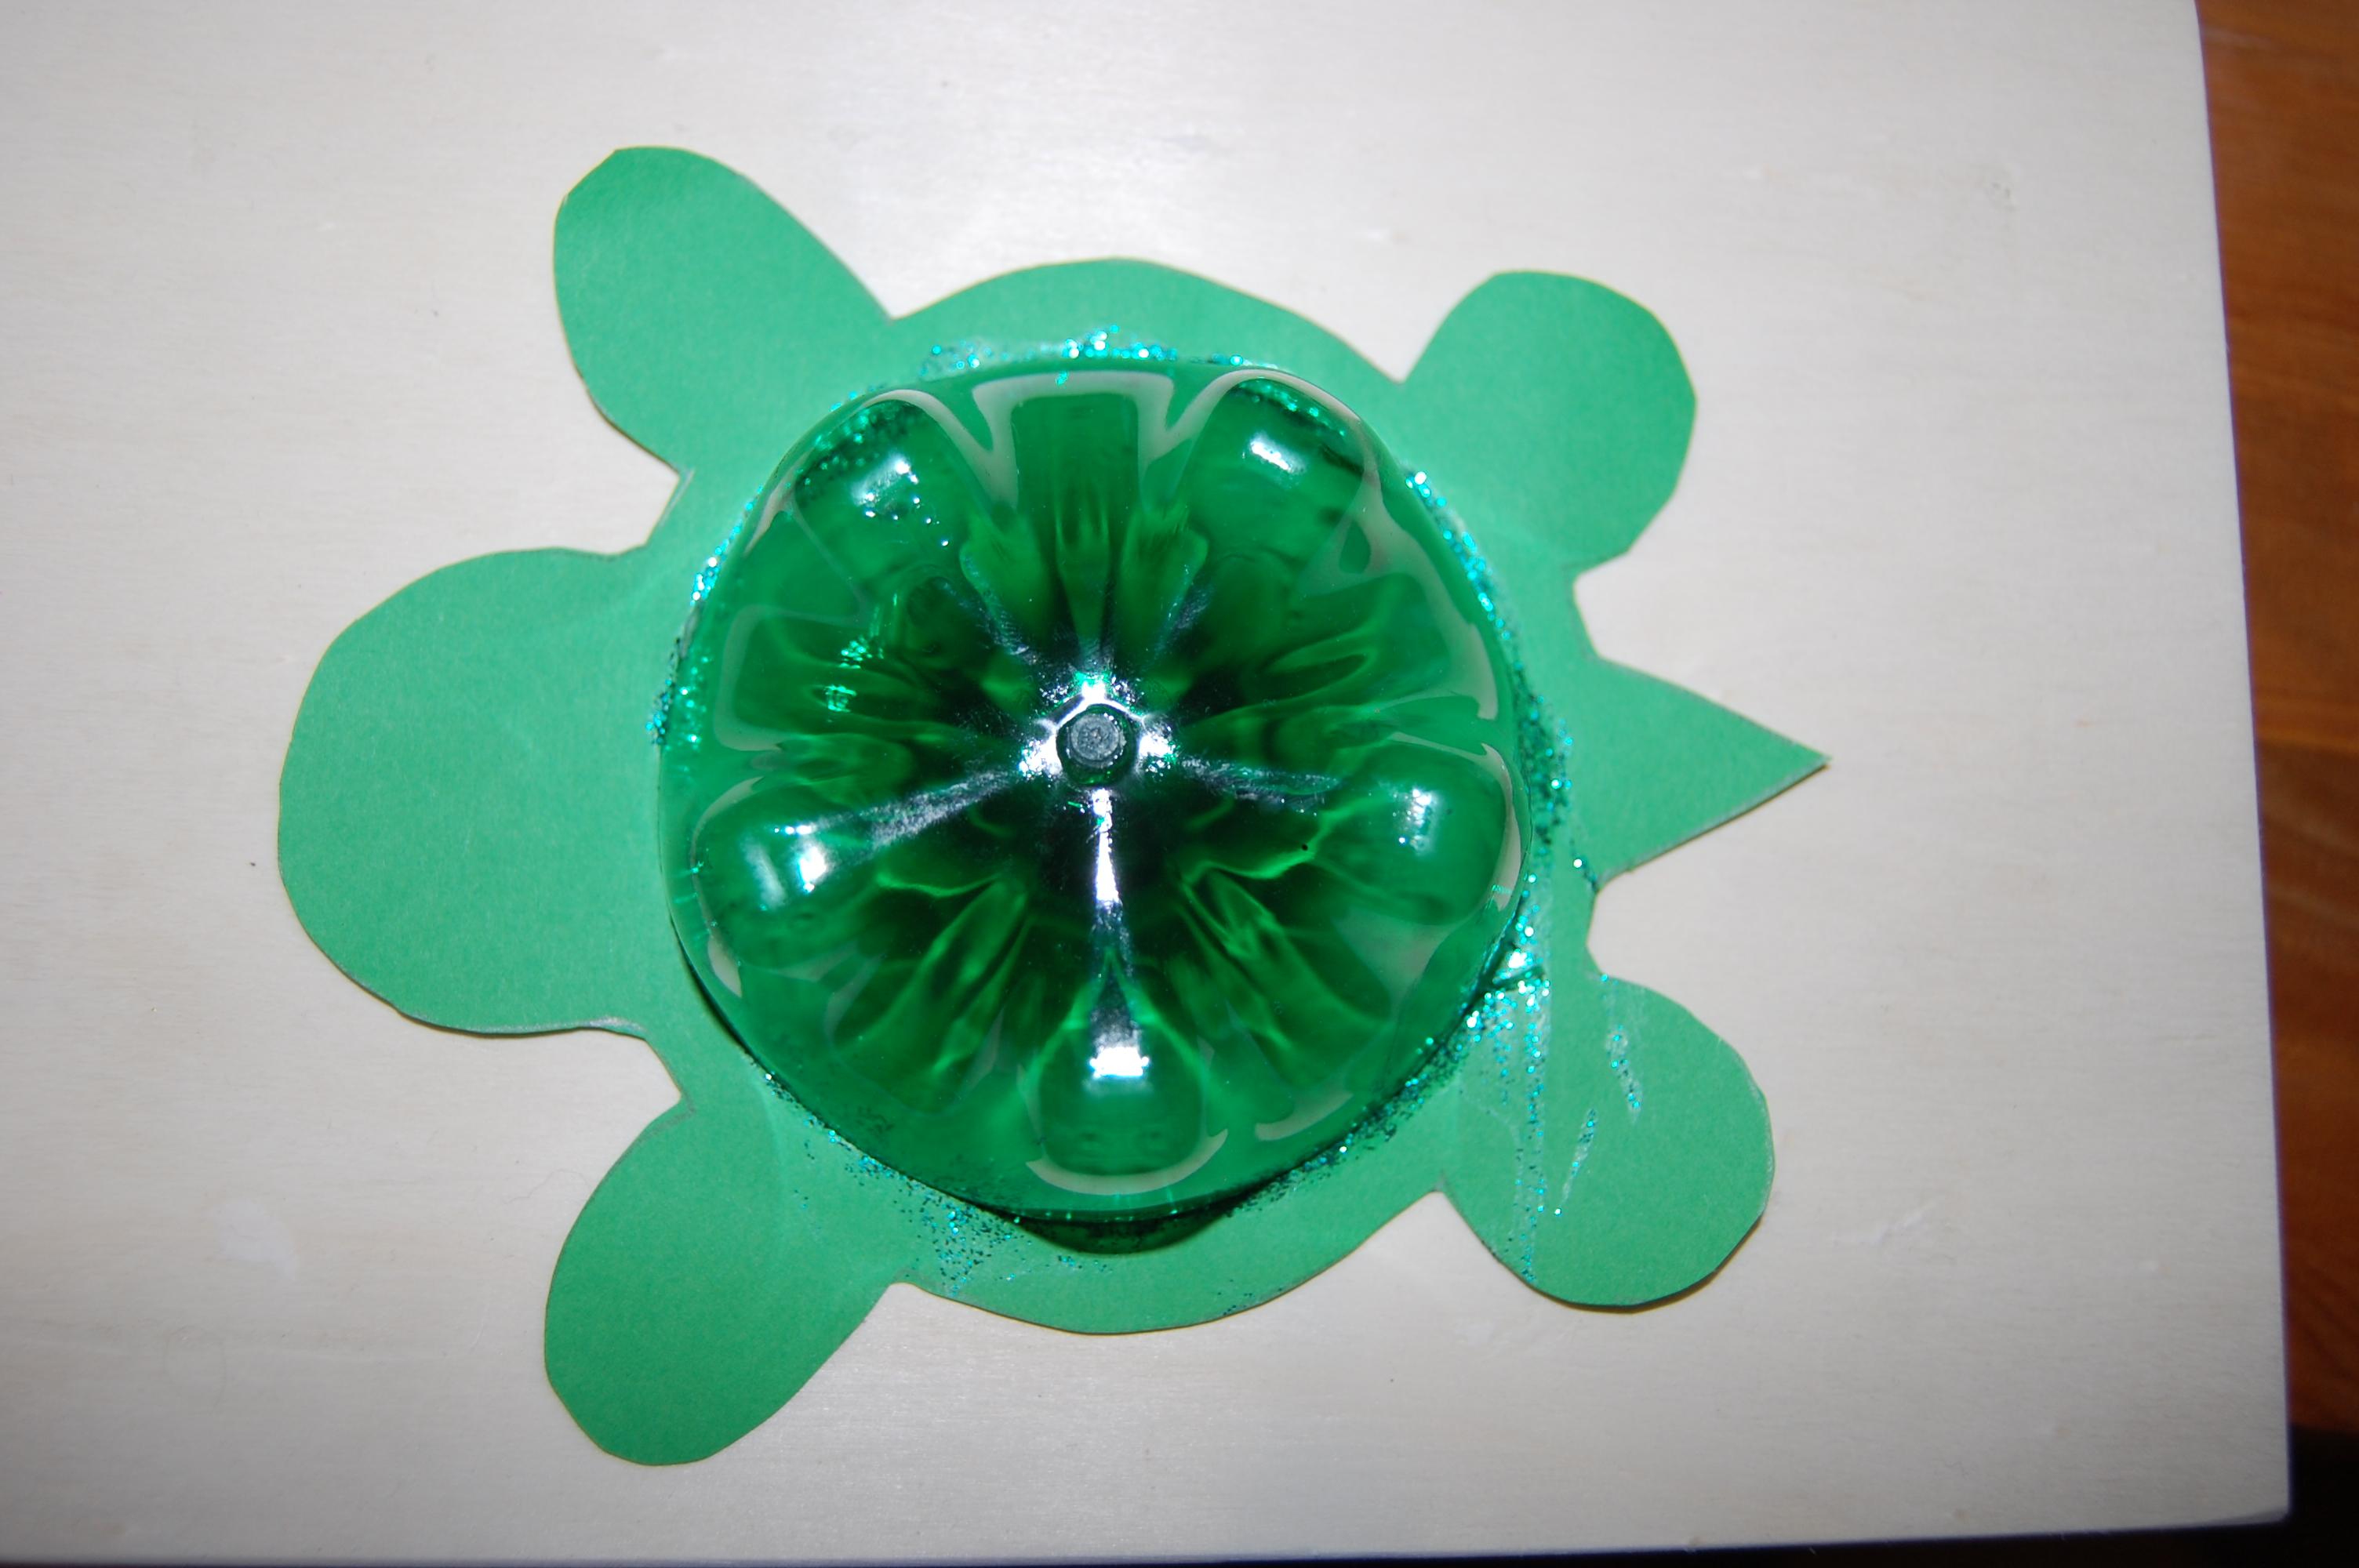 Jeux de kermesse a fabriquer gratuit - Fabriquer une horloge a eau ...